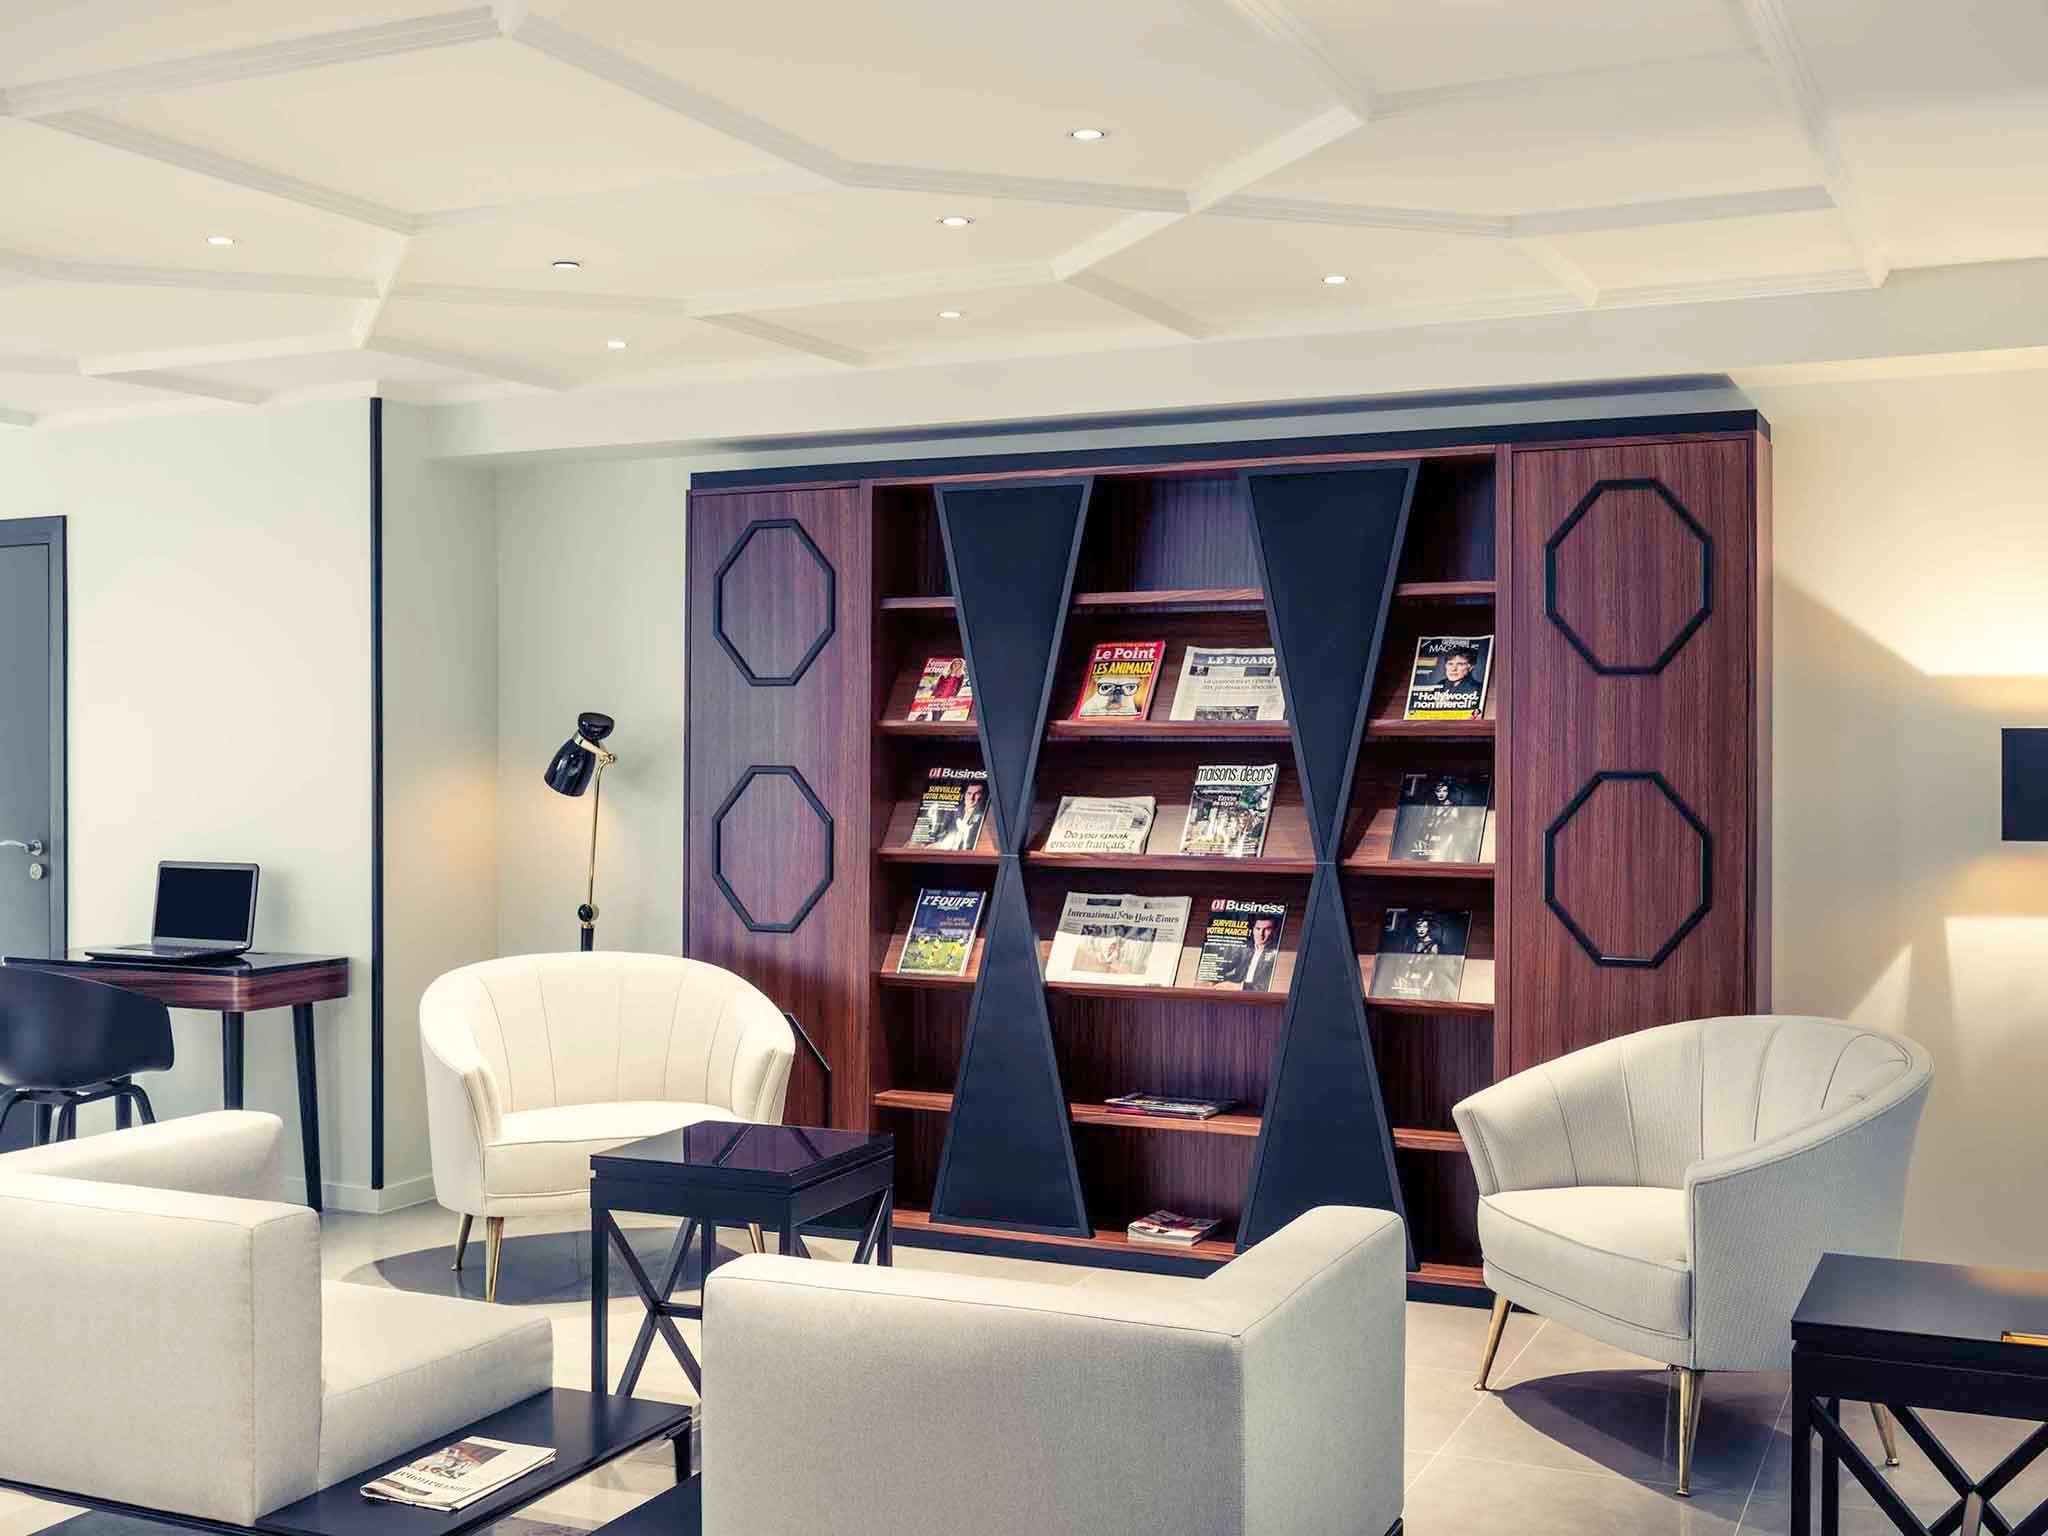 ホテル – メルキュールパリアルクドゥトリオンフワグラム